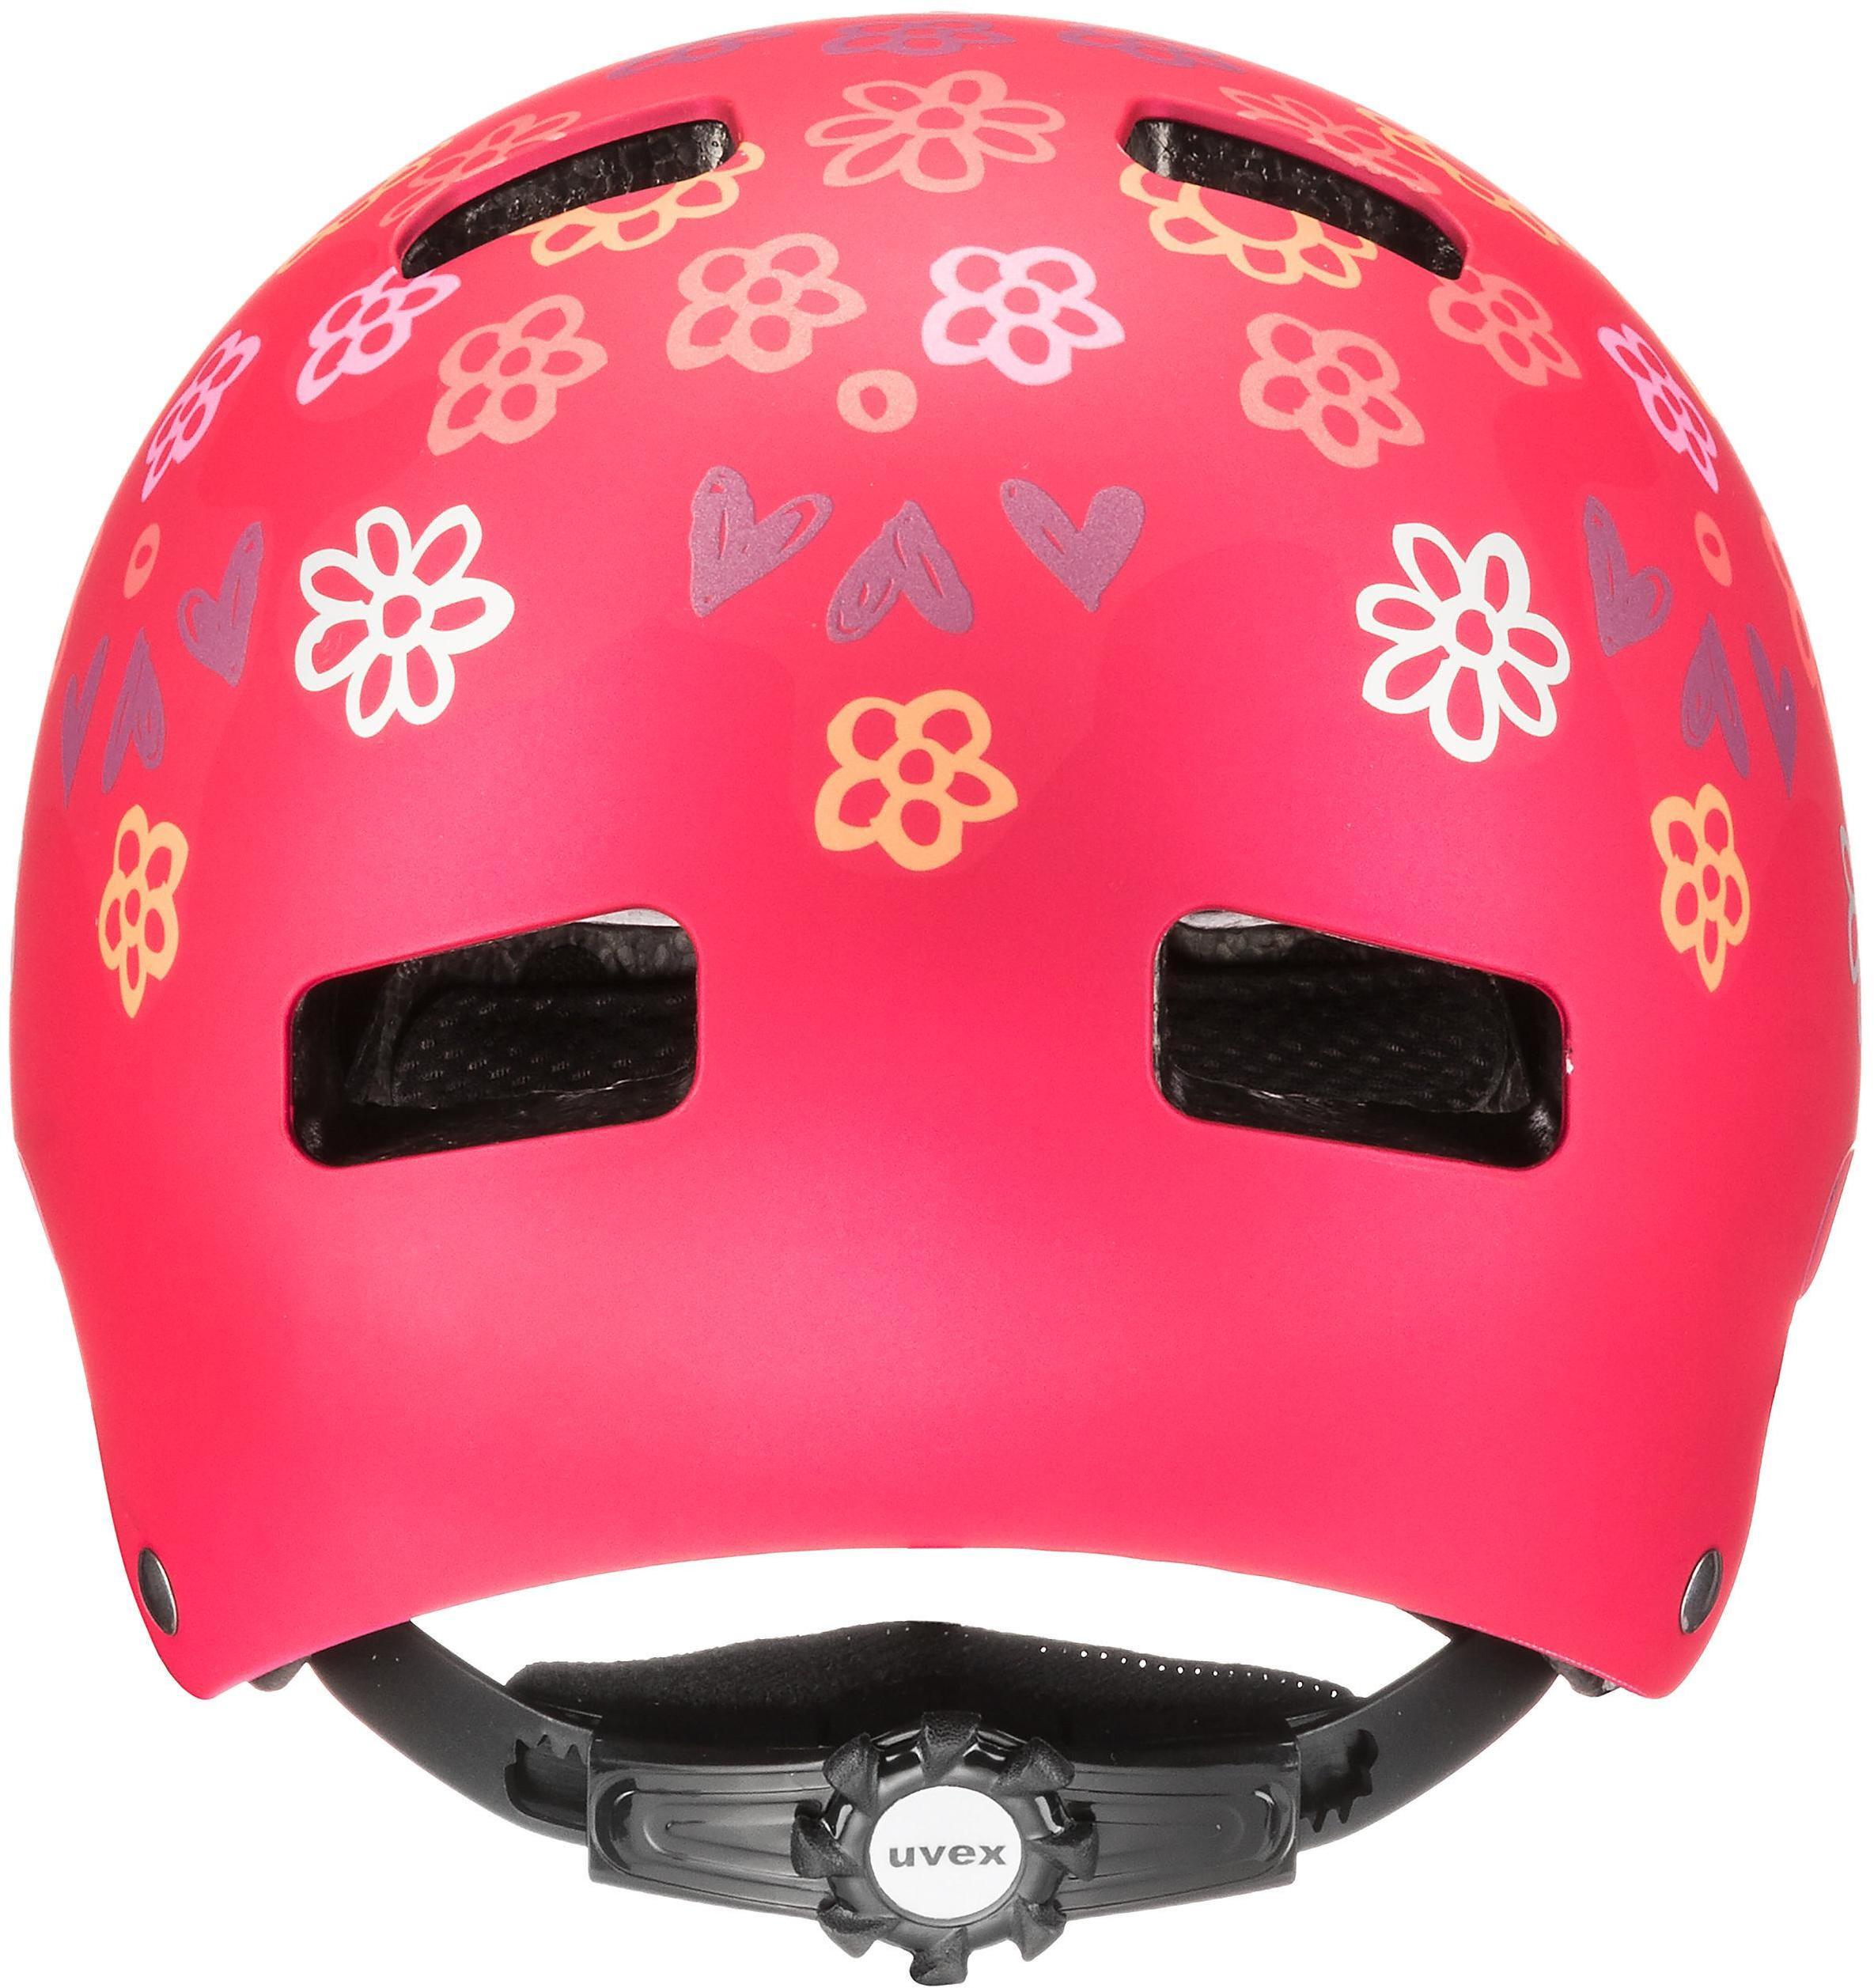 uvex kid 3 cc helmet kinder dark red online bei. Black Bedroom Furniture Sets. Home Design Ideas